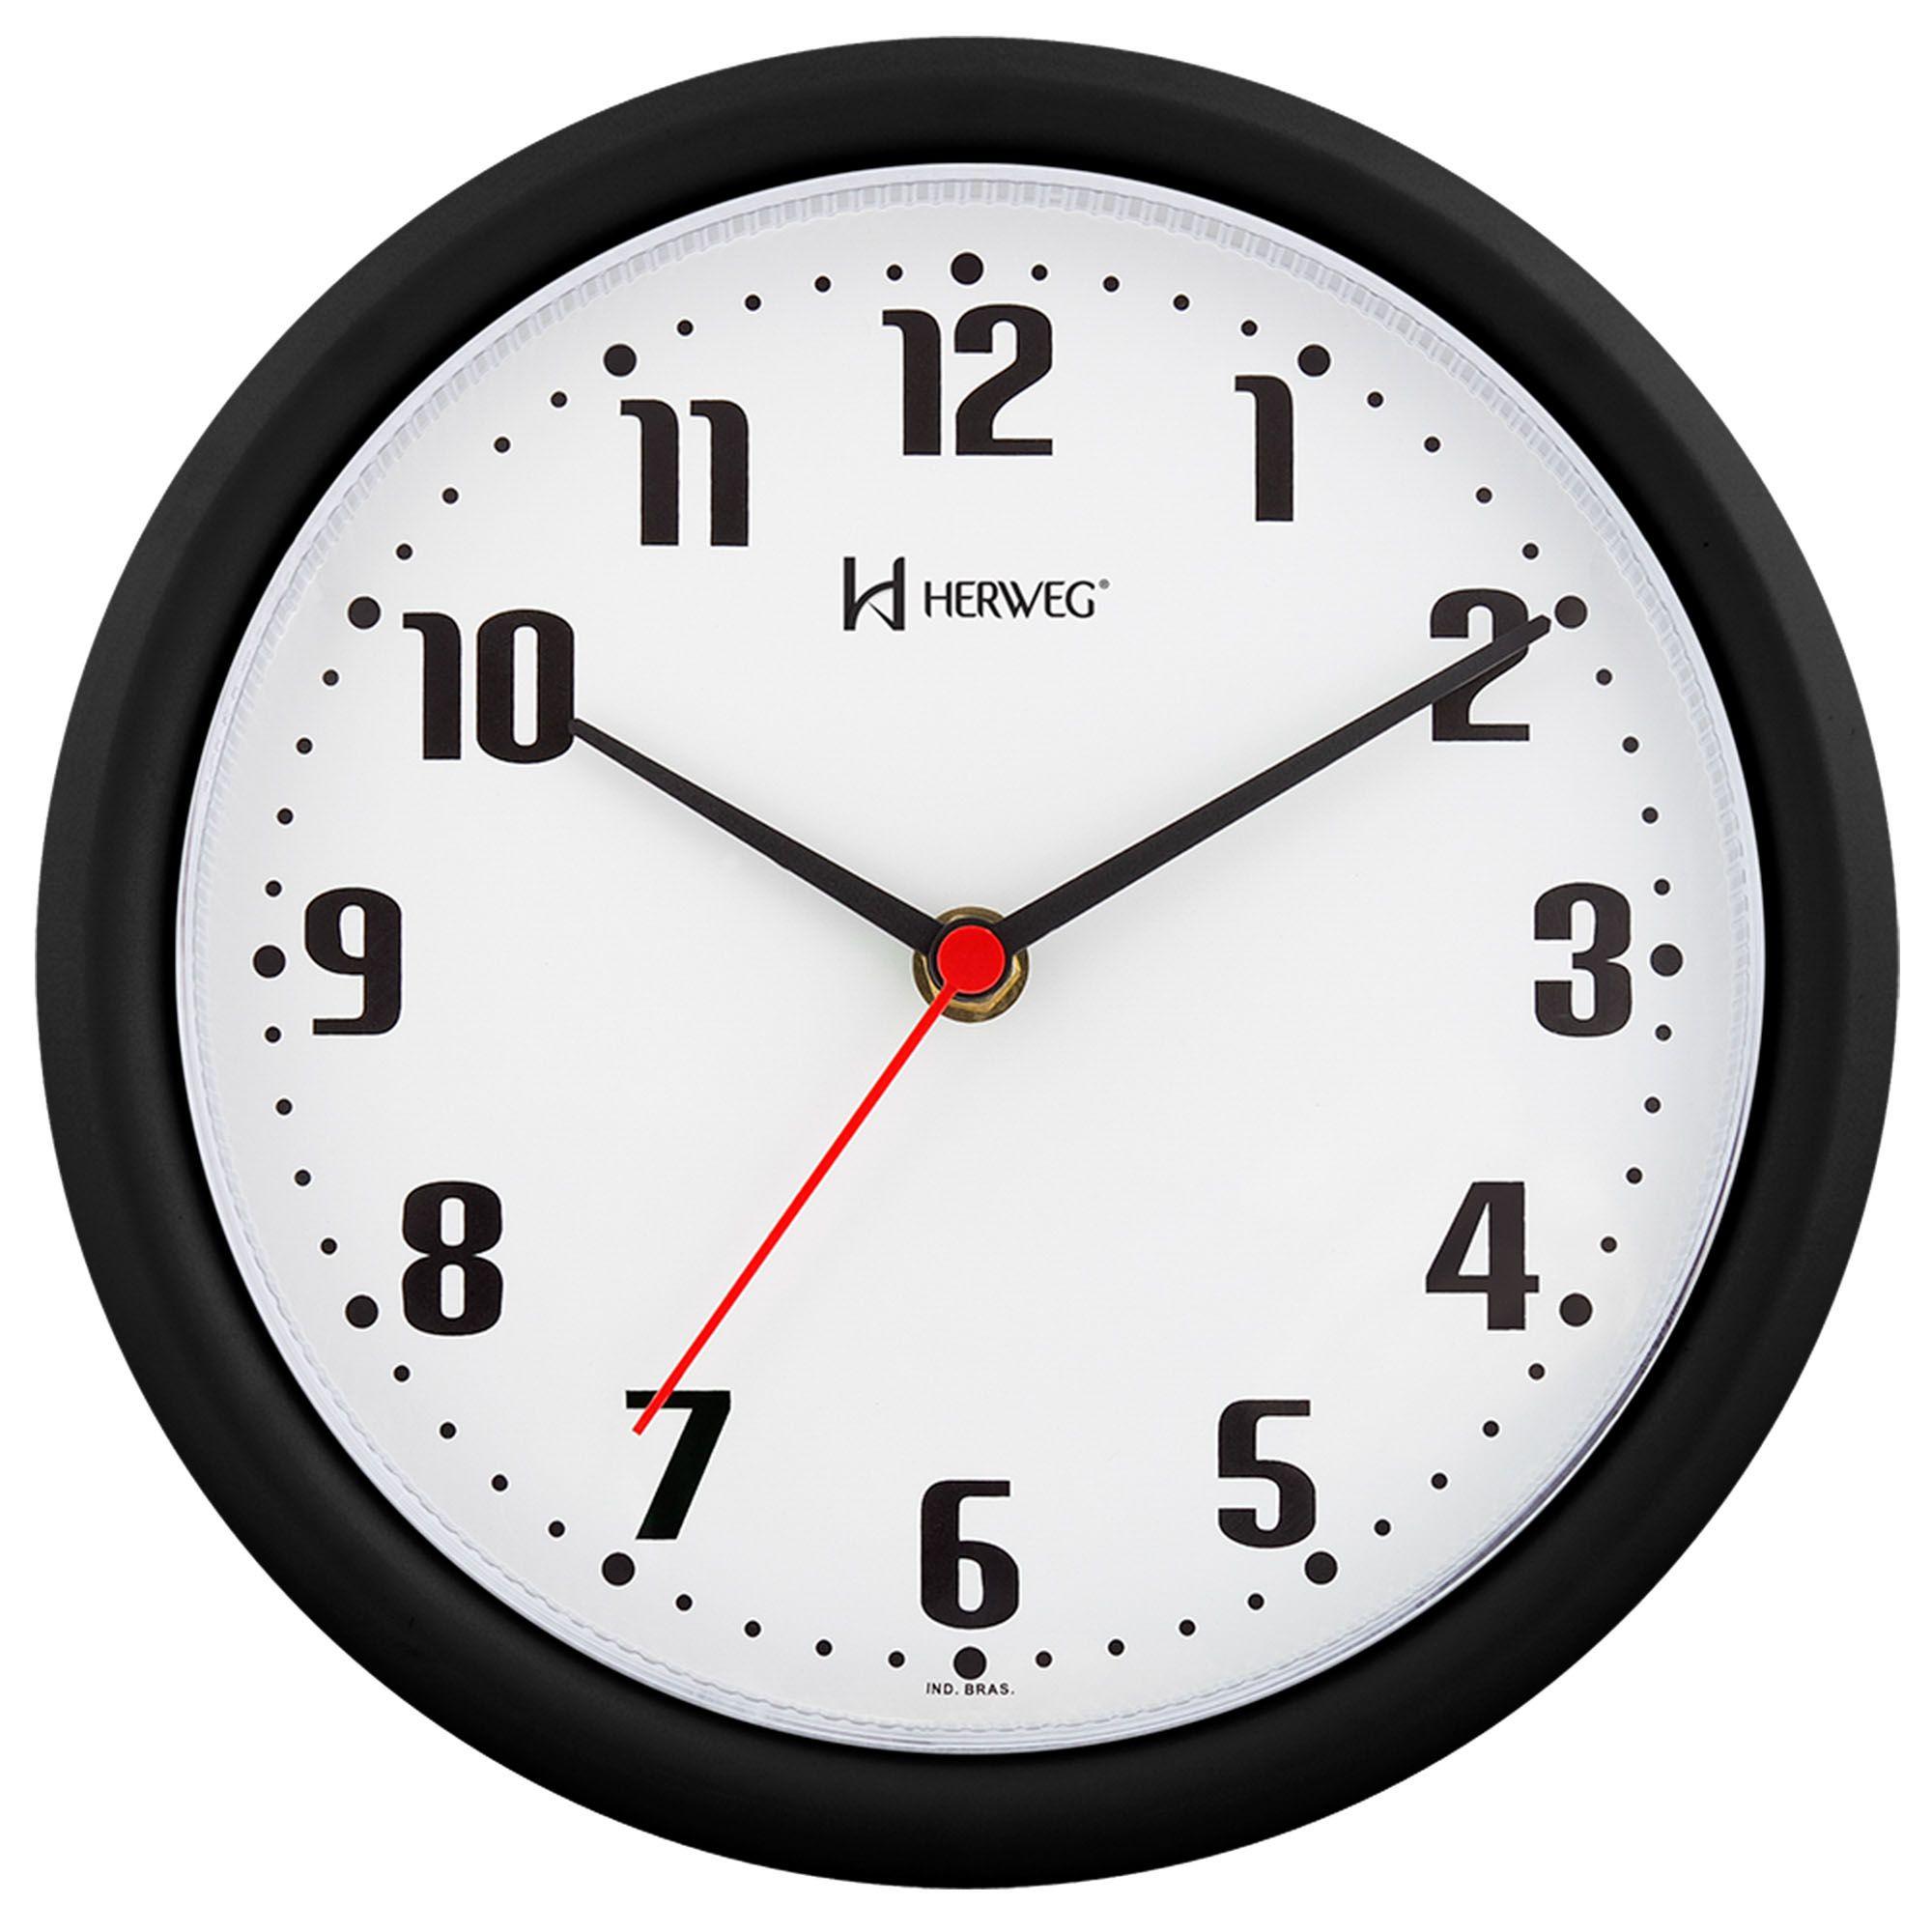 Relógio de Parede Analógico Herweg 6102 034 Preto